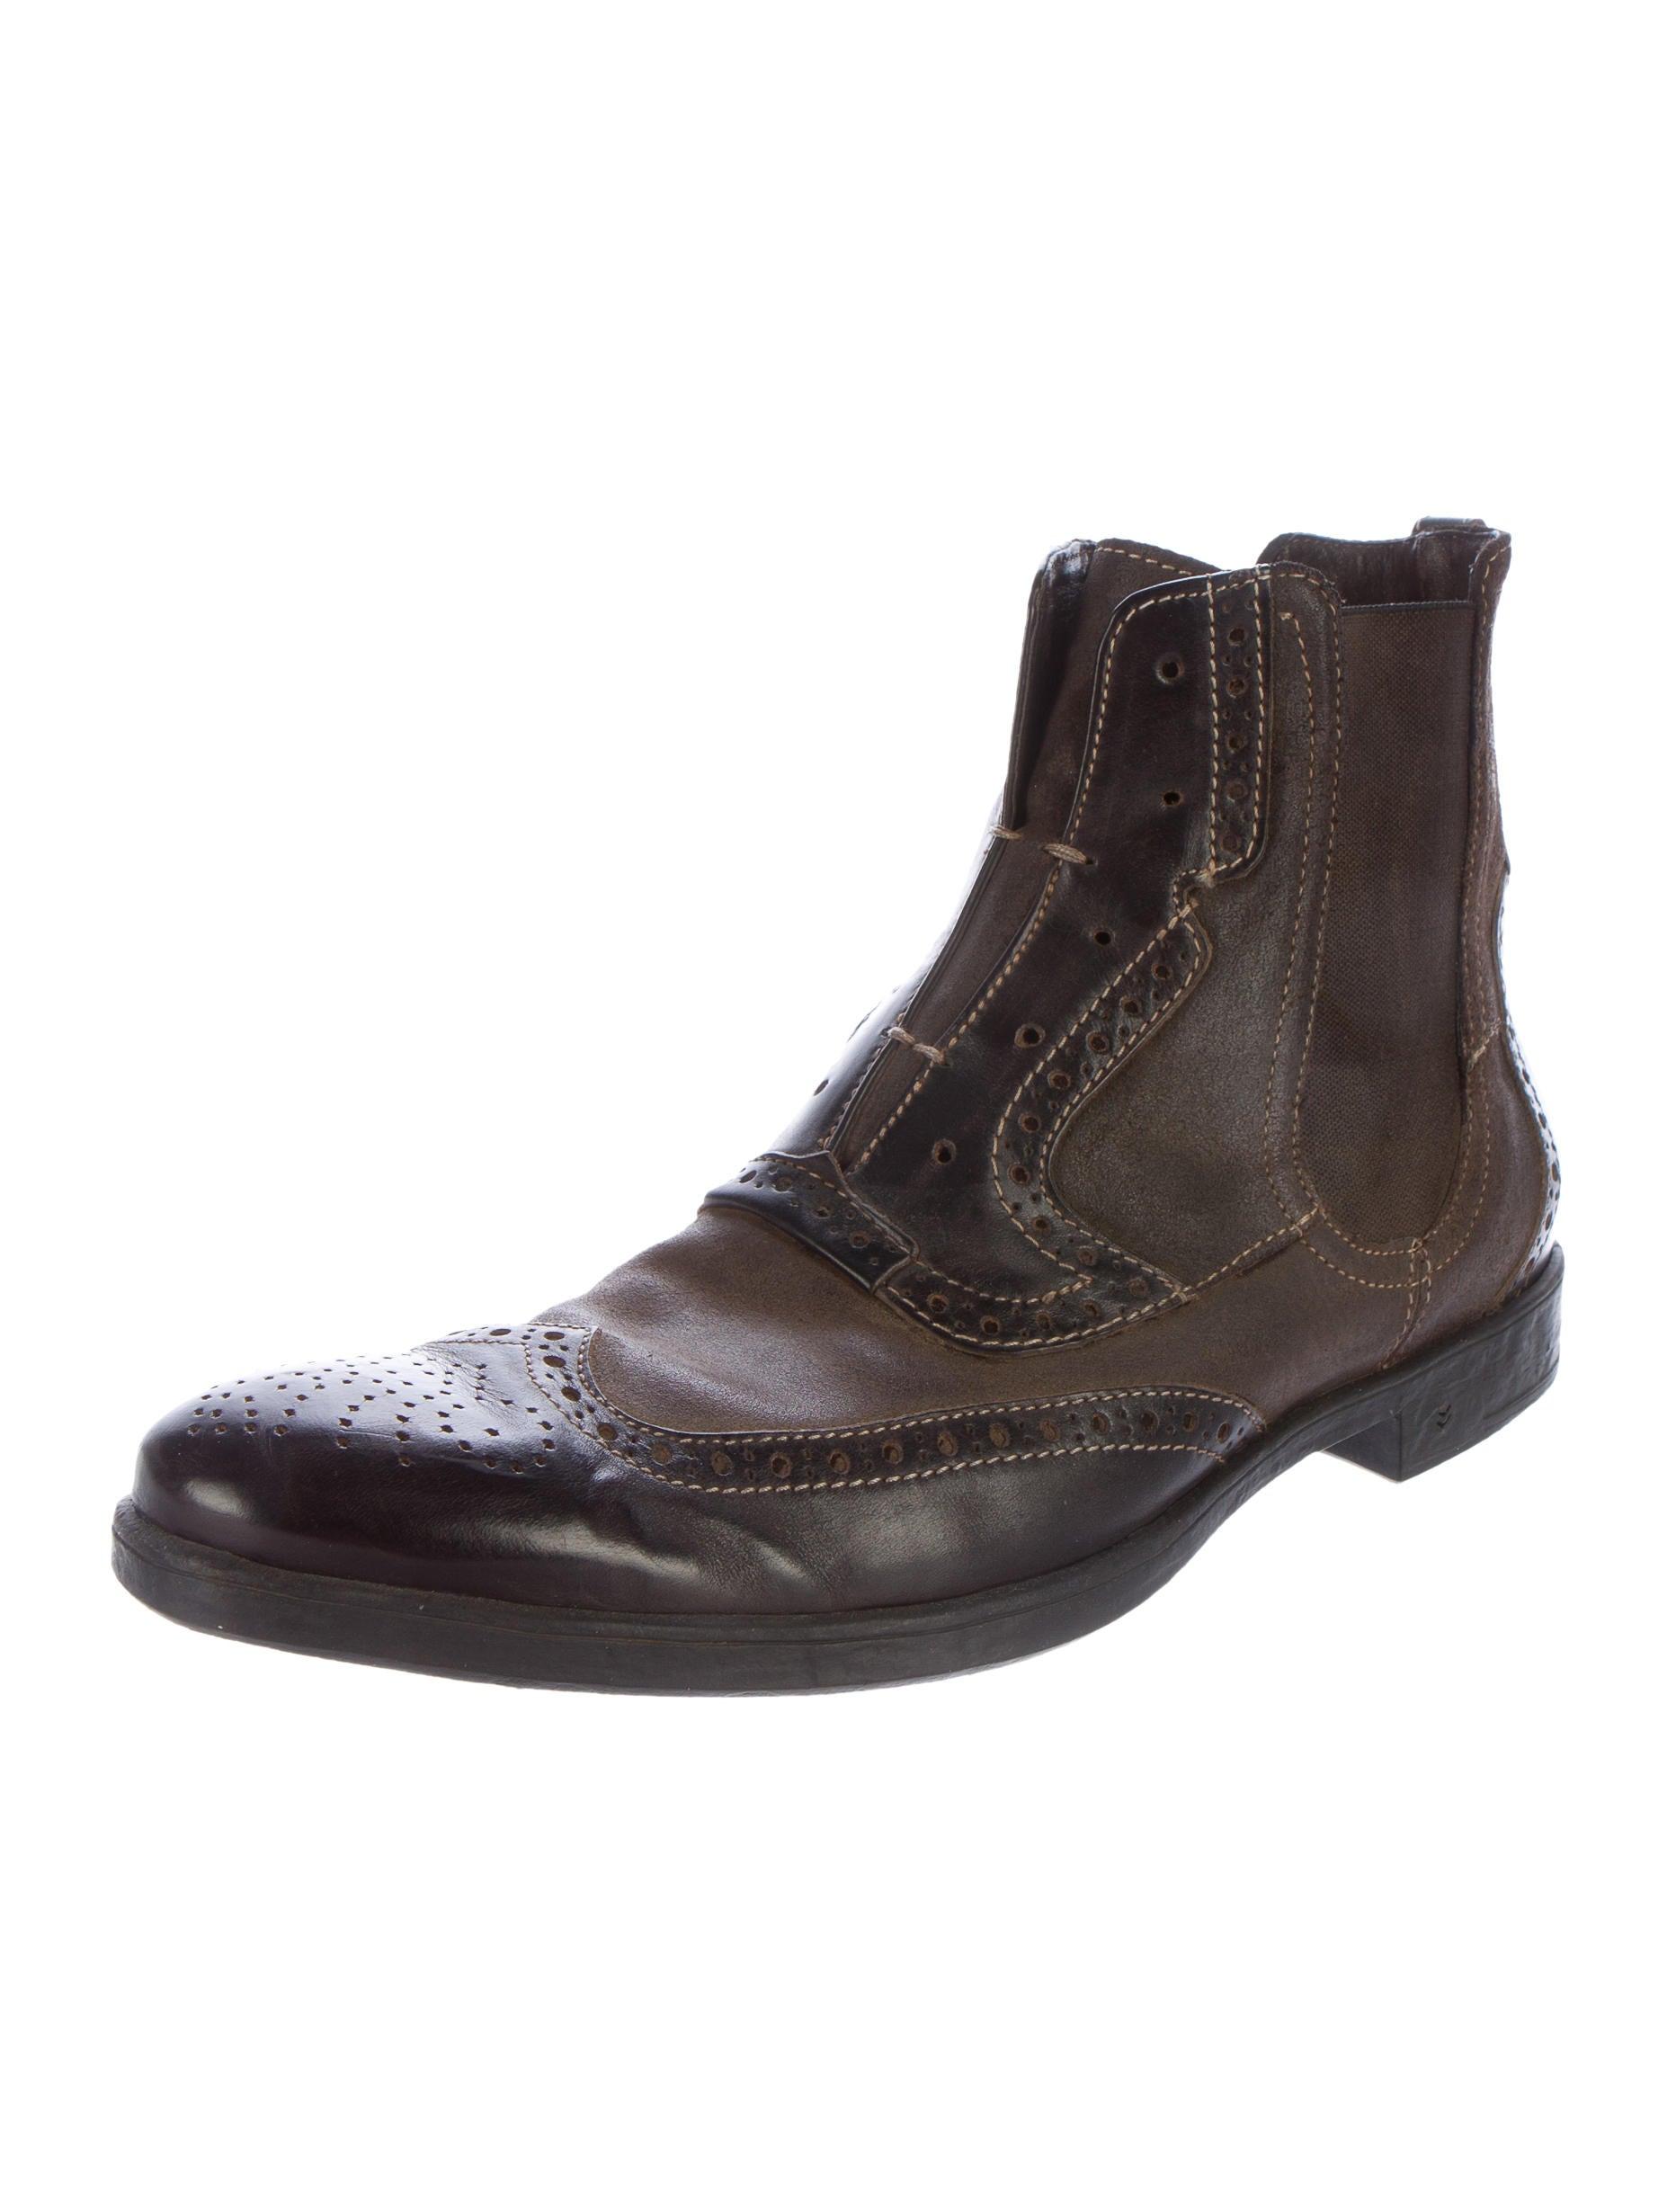 Eclectic Decor John Varvatos Laceless Brogues Boots Shoes Jva22986